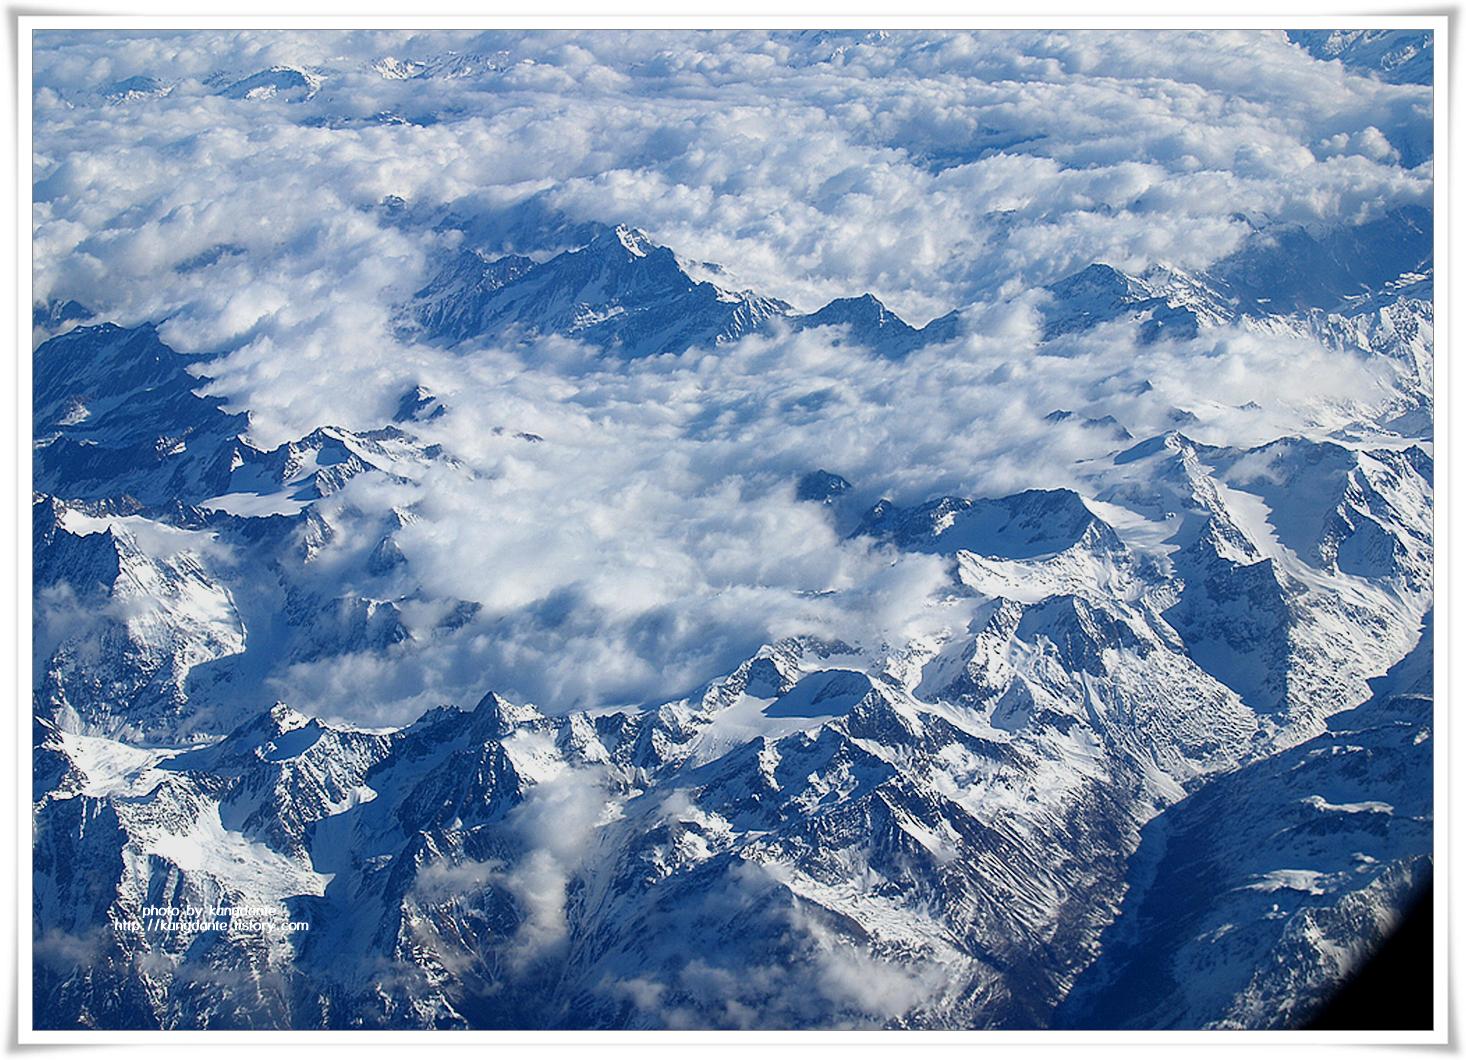 하늘에서 본 알프스 설산(雪山)과 지중해